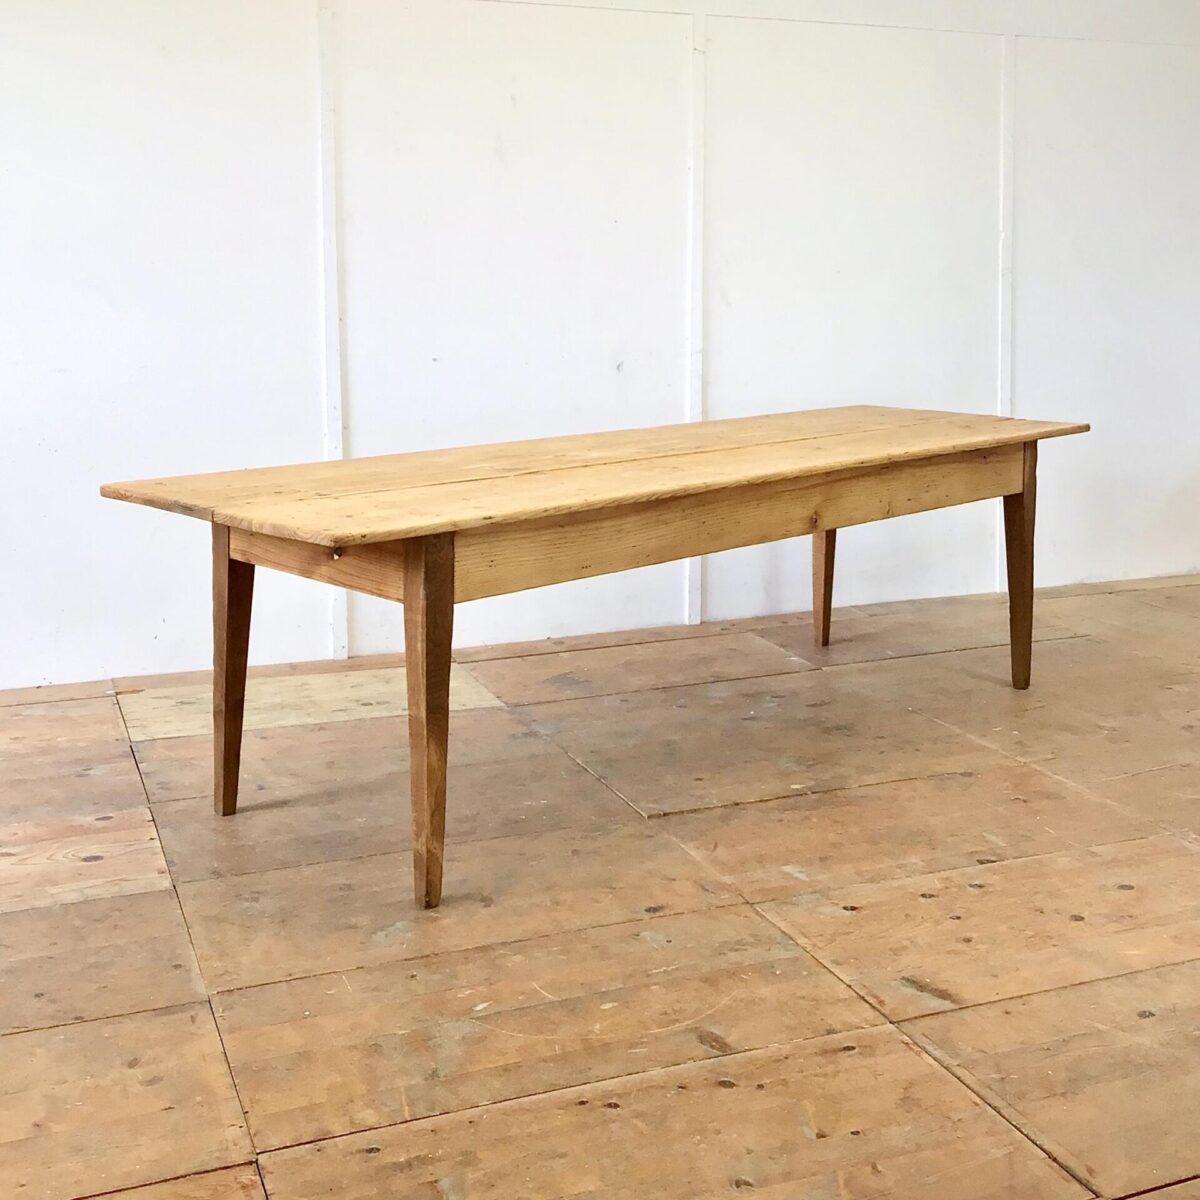 Deuxieme.shop Langer Biedermeiertisch aus Tannenholz. 270 x 84cm Höhe 75cm. Dieser alte Esstisch wurde als Arbeitstisch verwendet bevor er zu uns kam. Dementsprechend hat er diverse Beulen, Schrammen und kleinere Farbflecken, die ins Holz eingedrungen sind. Der Tisch ist komplett geschliffen und geölt. In der Tischmitte geht der länge nach ein Riss durchs Tischblatt. Da er organisch mit der Holzmaserung verläuft haben wir ihn so belassen. Nur leicht ausgeschliffen, und die scharfen Kanten etwas entschärft. Technisch haben wir den Tisch in stabilen, Alltagstauglichen Zustand gebracht. Es finden bis zu 10 Personen angenehm daran Platz.